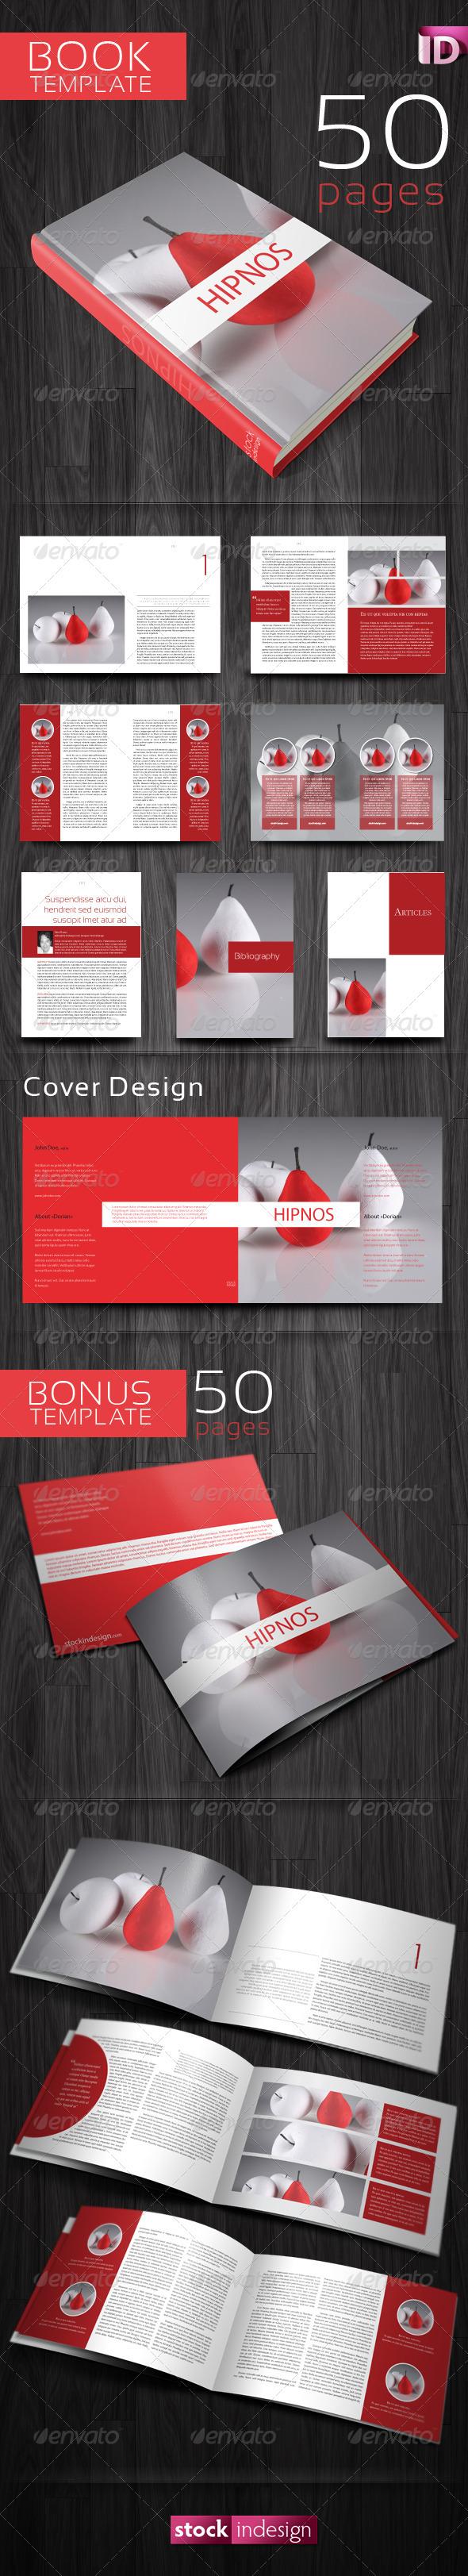 GraphicRiver Book Template Hipnos 243649